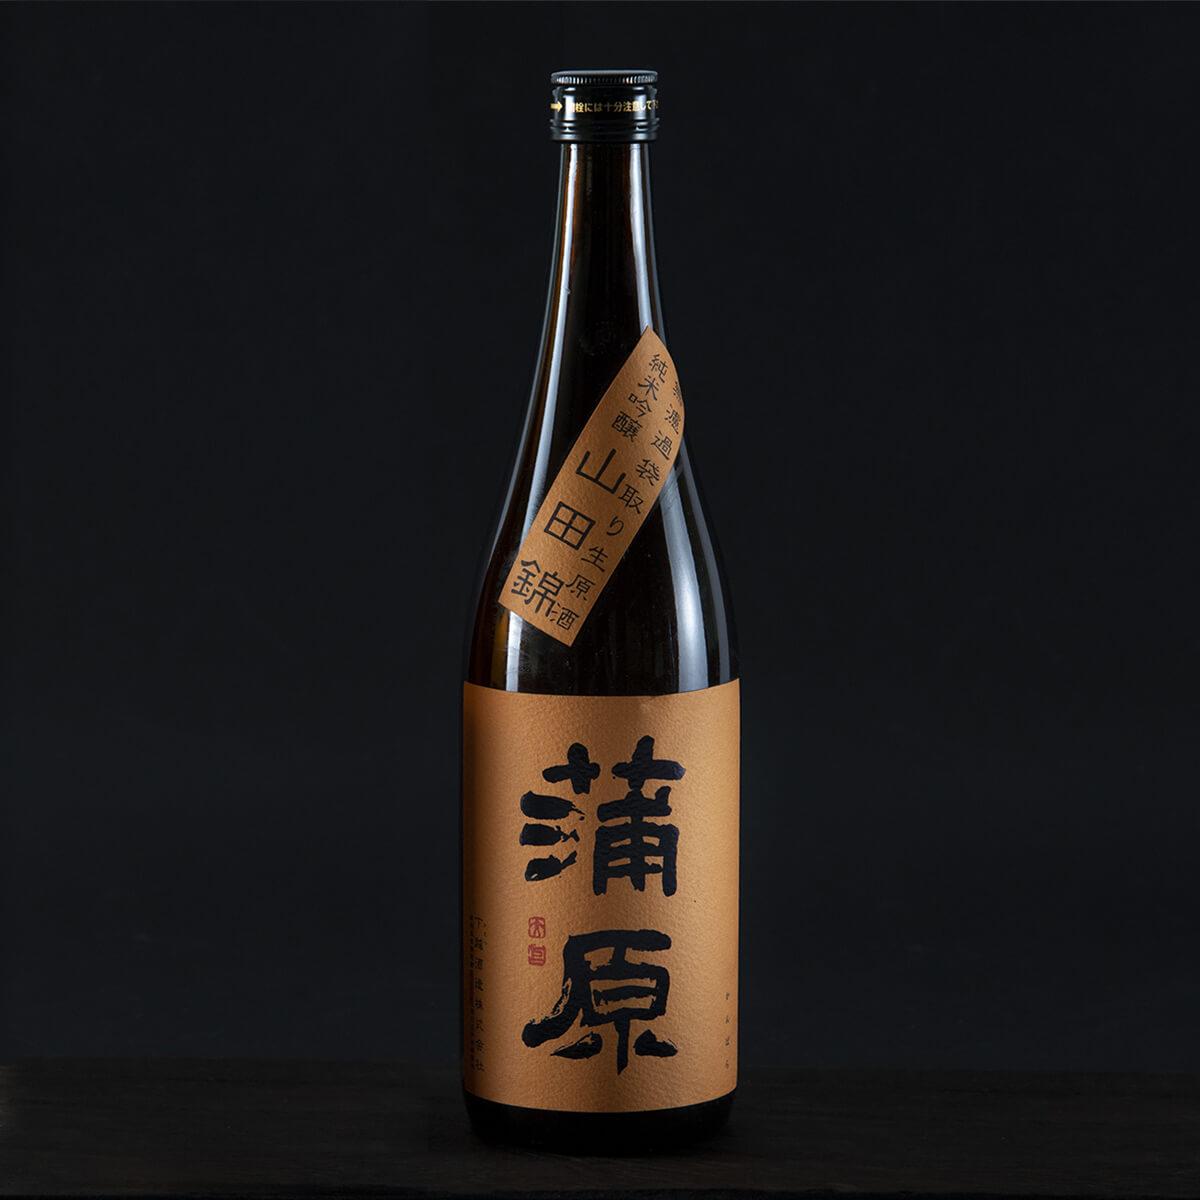 【ふるさと納税】【A-1】地酒 無濾過袋取り生原酒 純米吟醸『蒲原』 1.8L